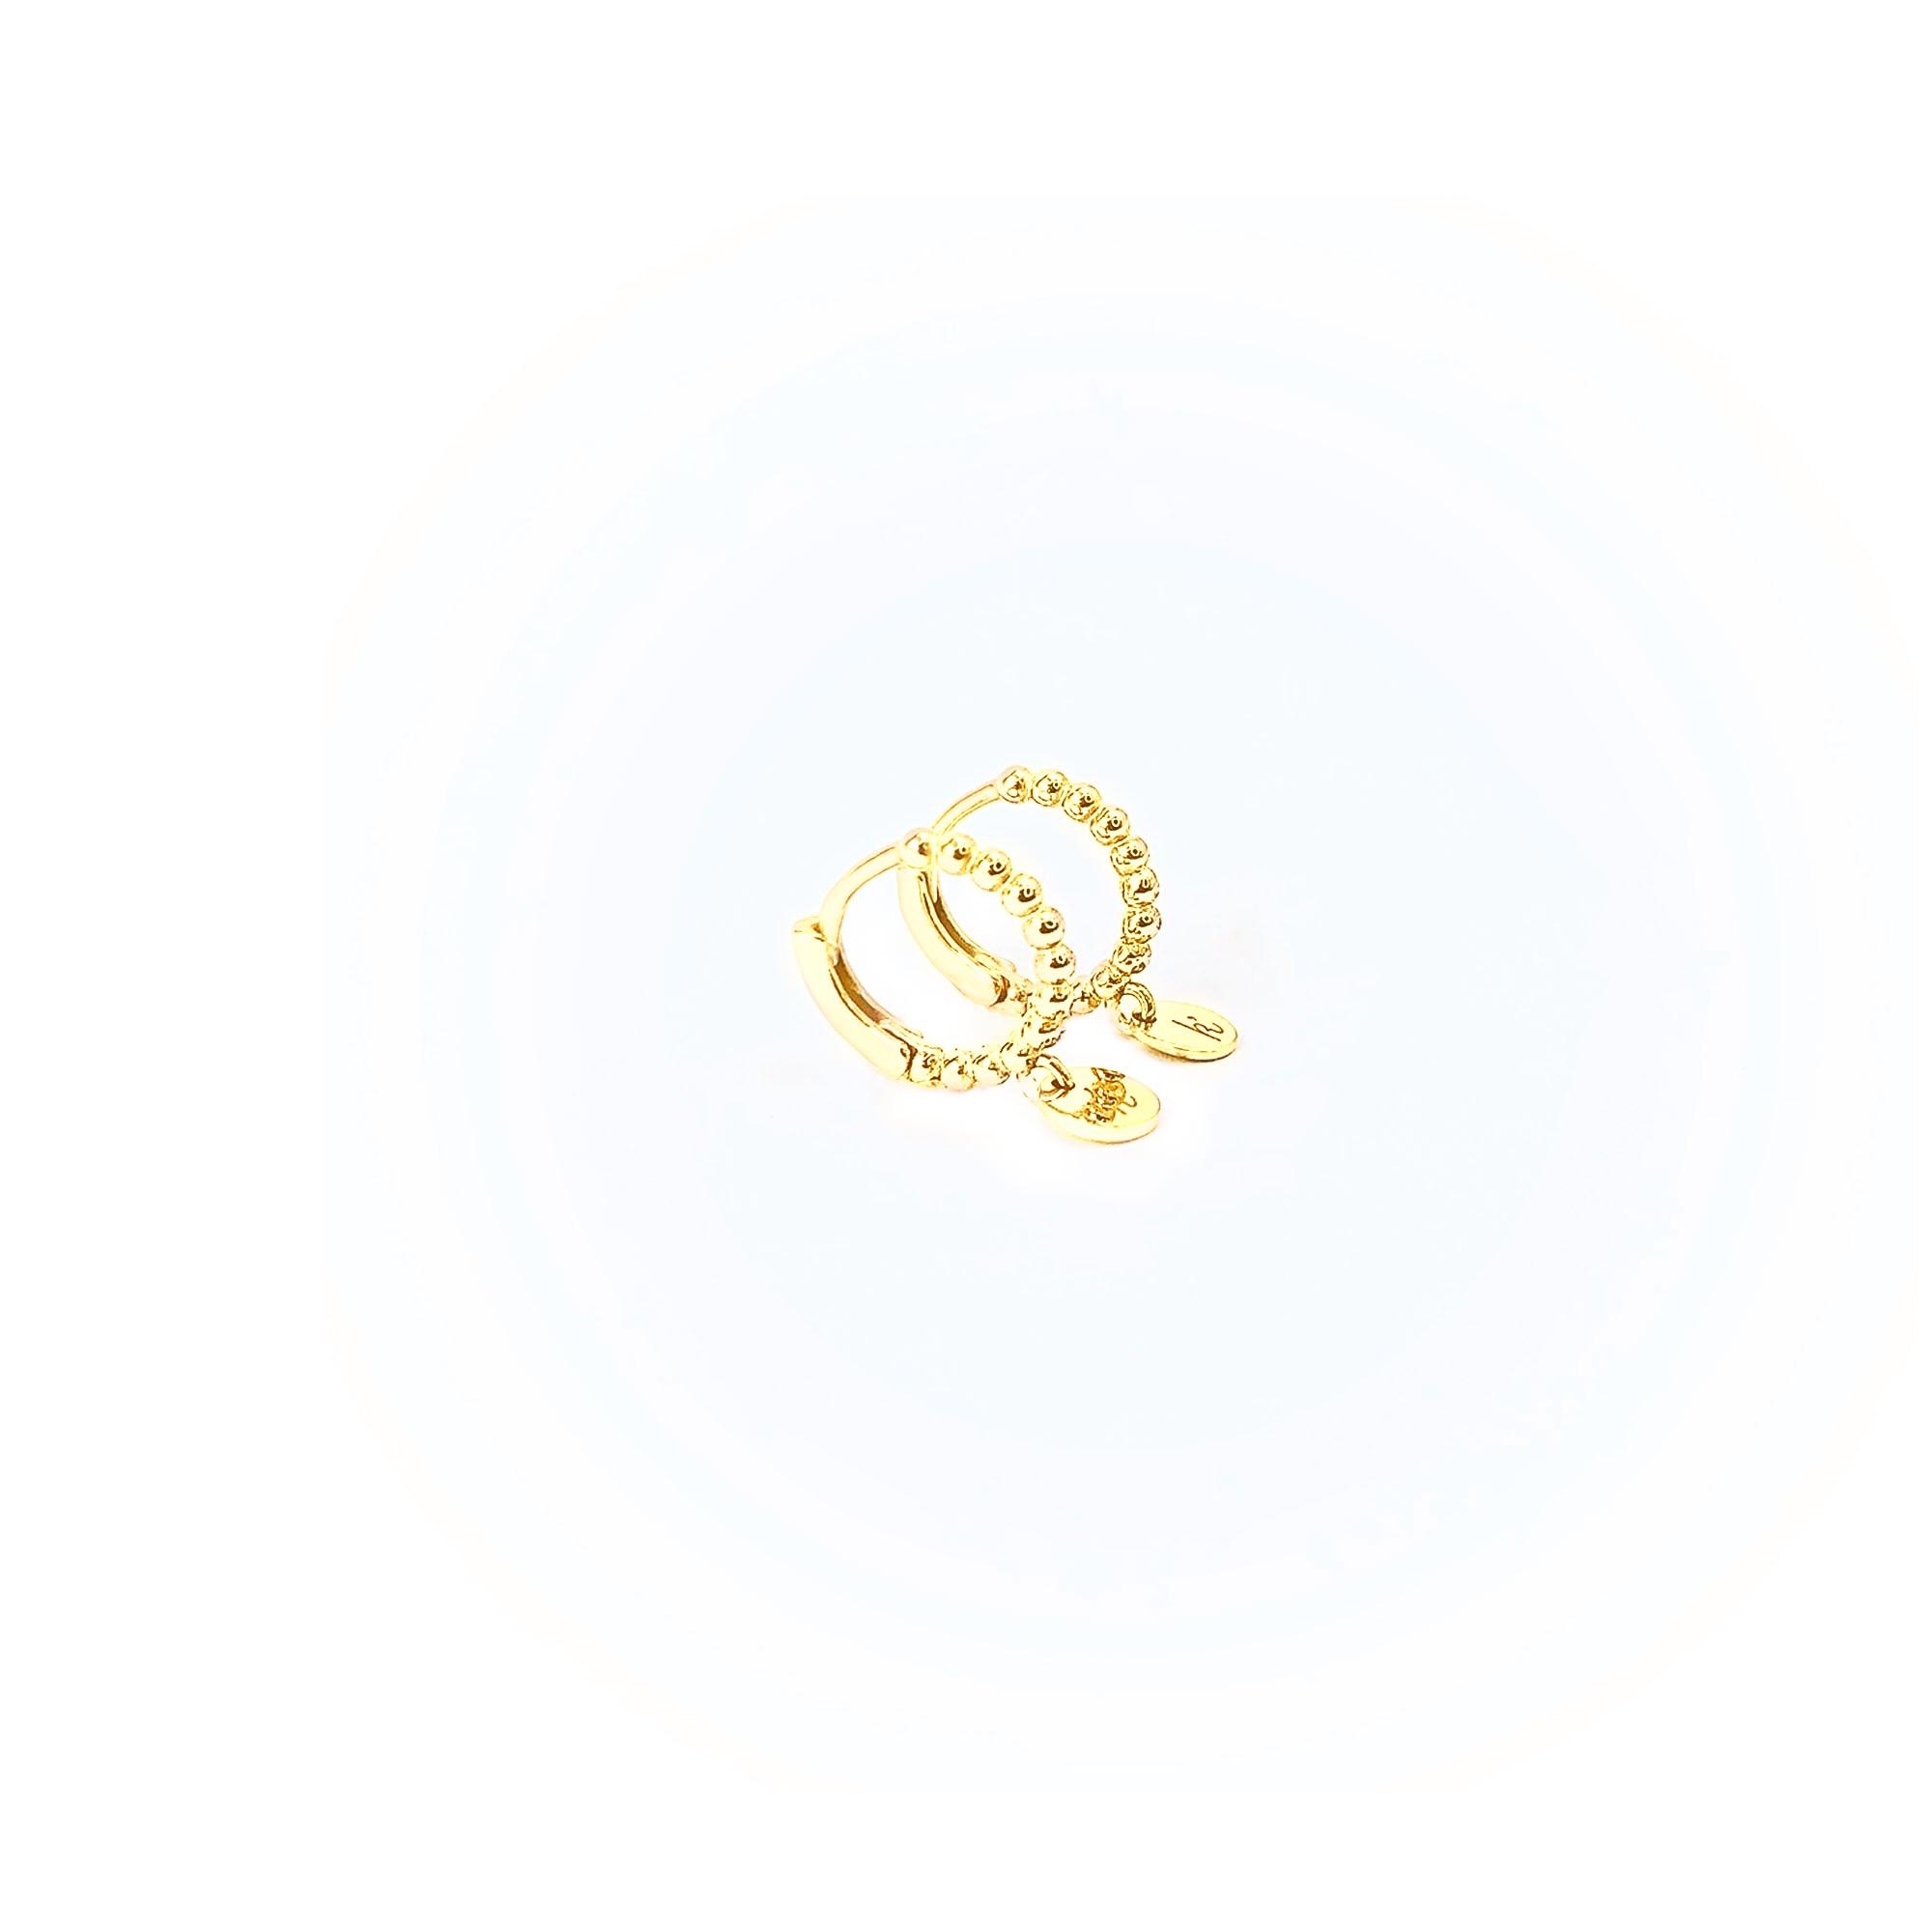 Goud plated balletjes creolen mini platte bedel